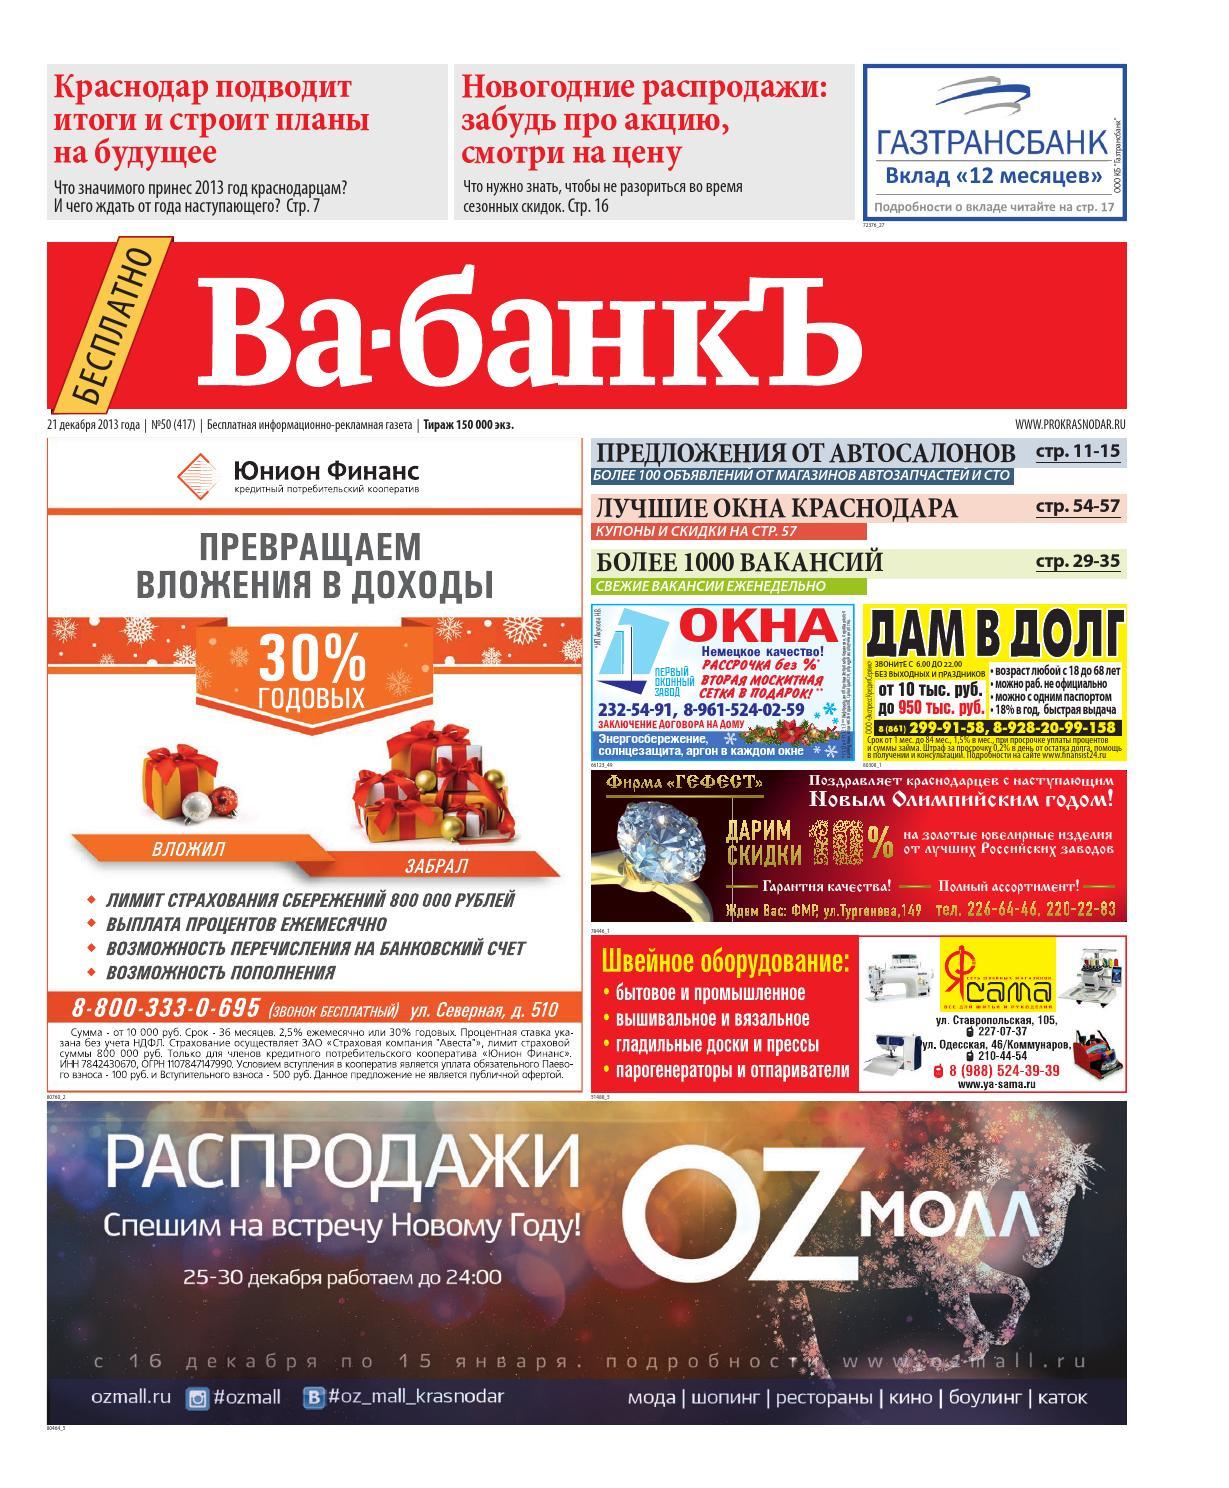 Акции на ипотеку в 2013 году